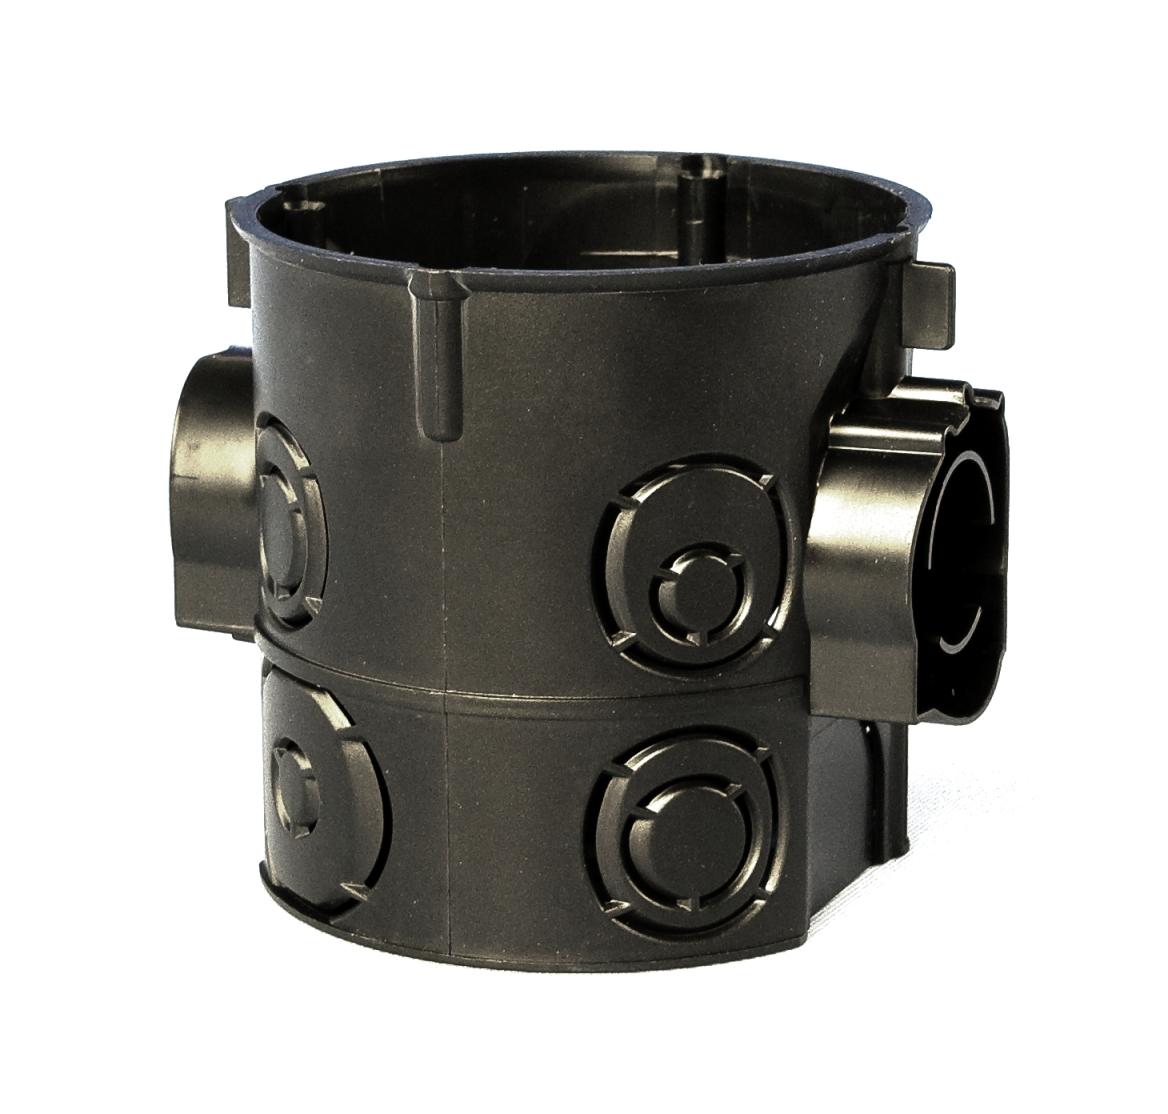 100 Stk UP-Kombi Schalterdose d60xt65mm, Einführung M25, schwarz, PS GTDU10725-